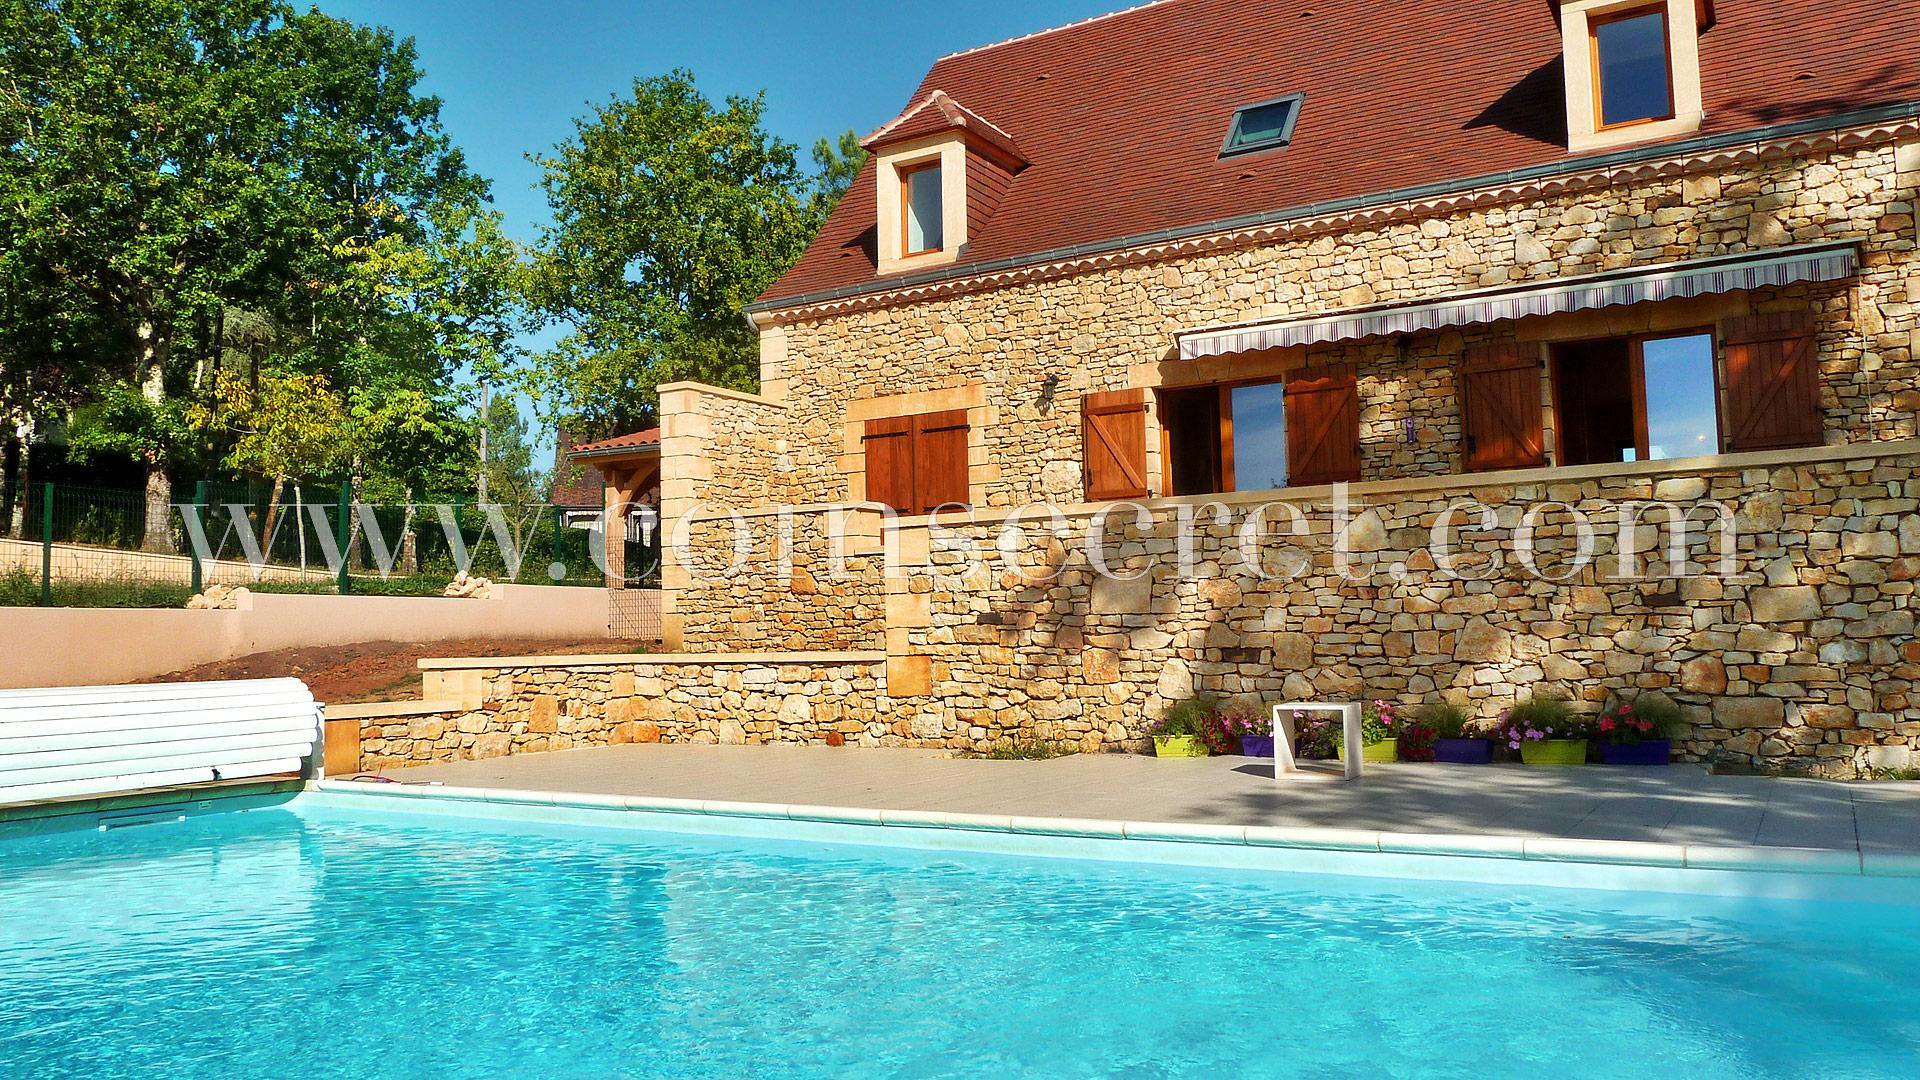 Location D'une Maison Avec Piscine À Sarlat En Dordogne tout Location Dordogne Piscine